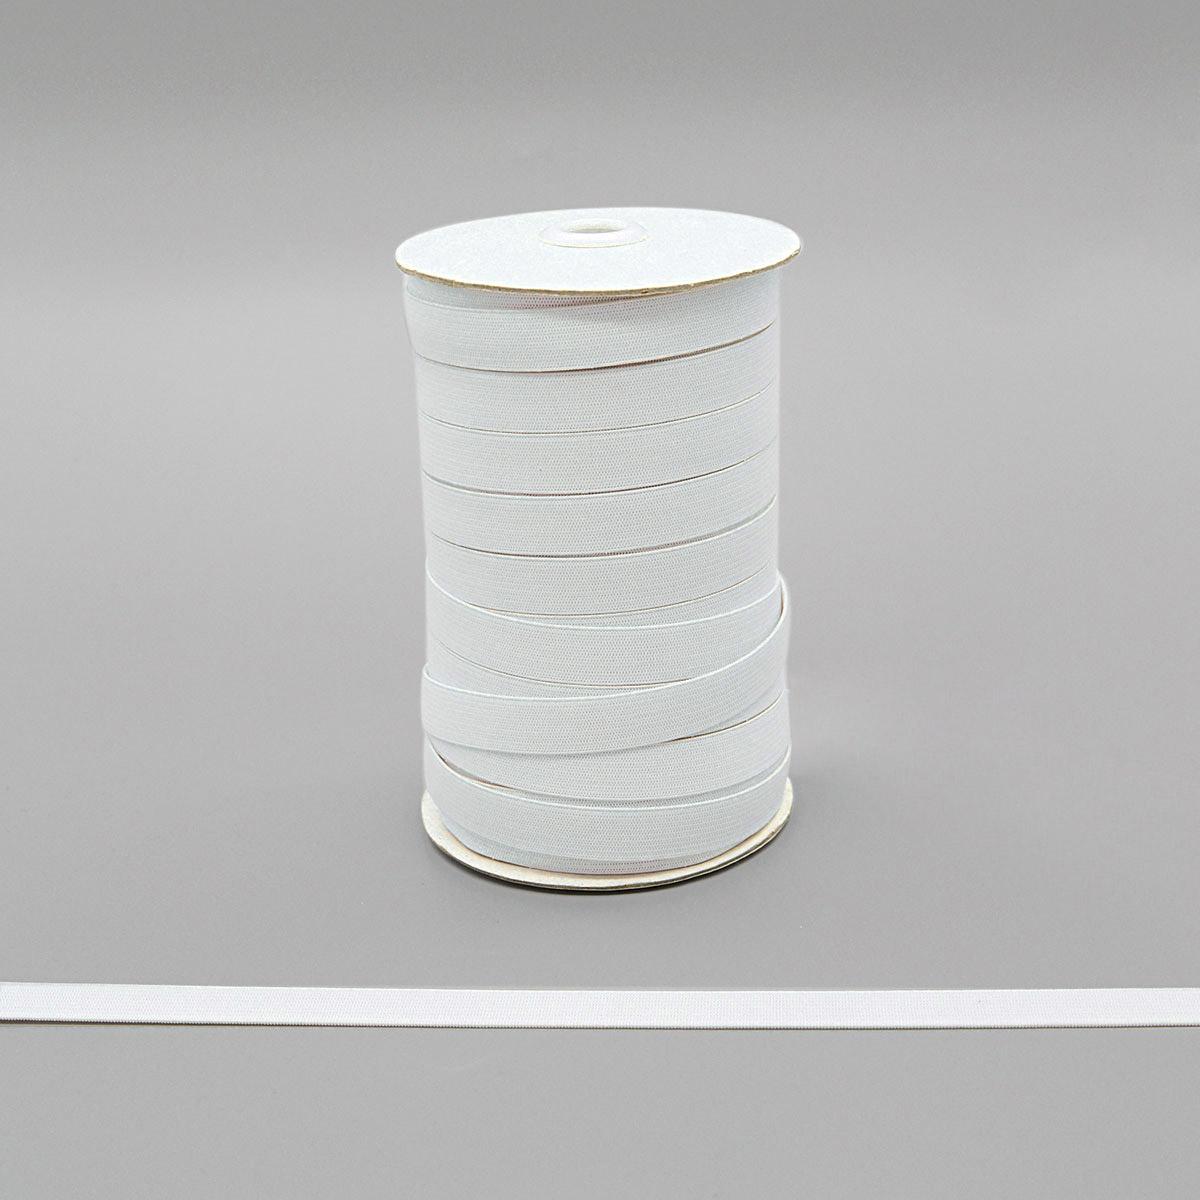 955353 Мягкая эластичная лента 15 мм белый цв. Prym